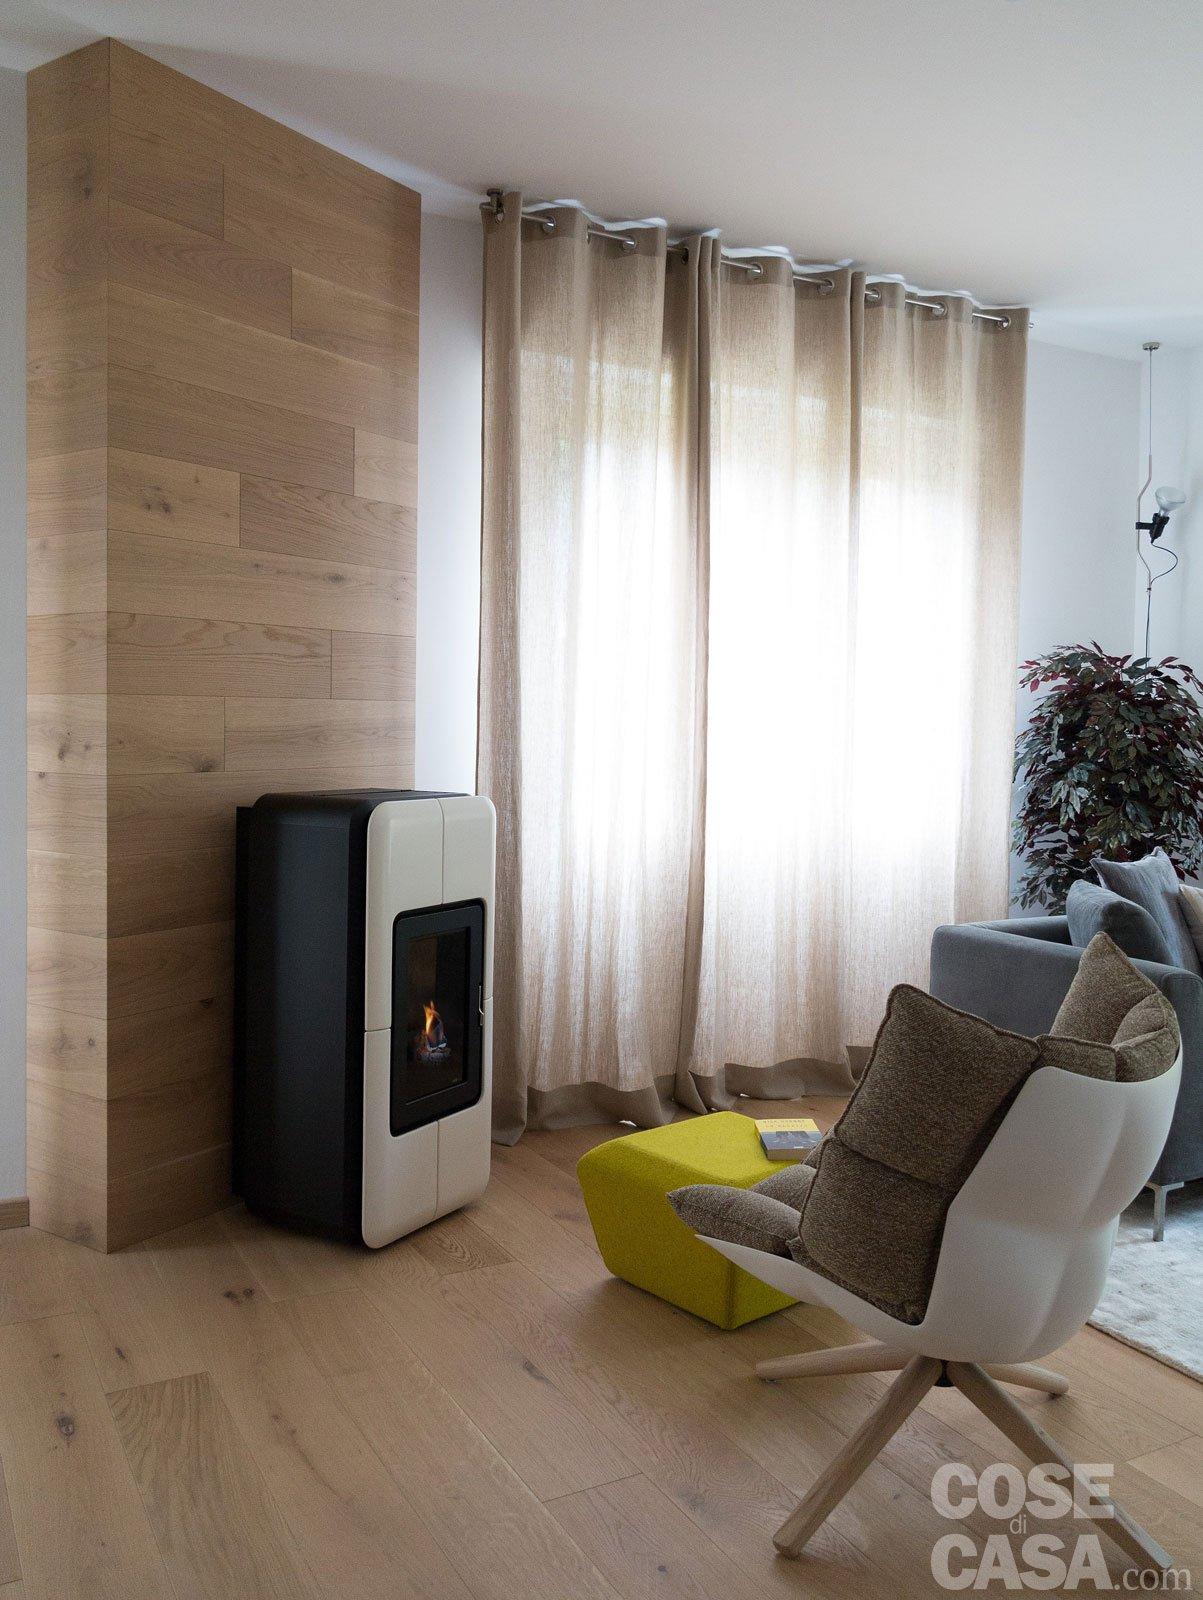 Gallery Of Clicca Sulle Immagini Per Vederle Full Screen P Sotto Trovi Le  Immagini Commentate With Camino A Casa Low Cost.